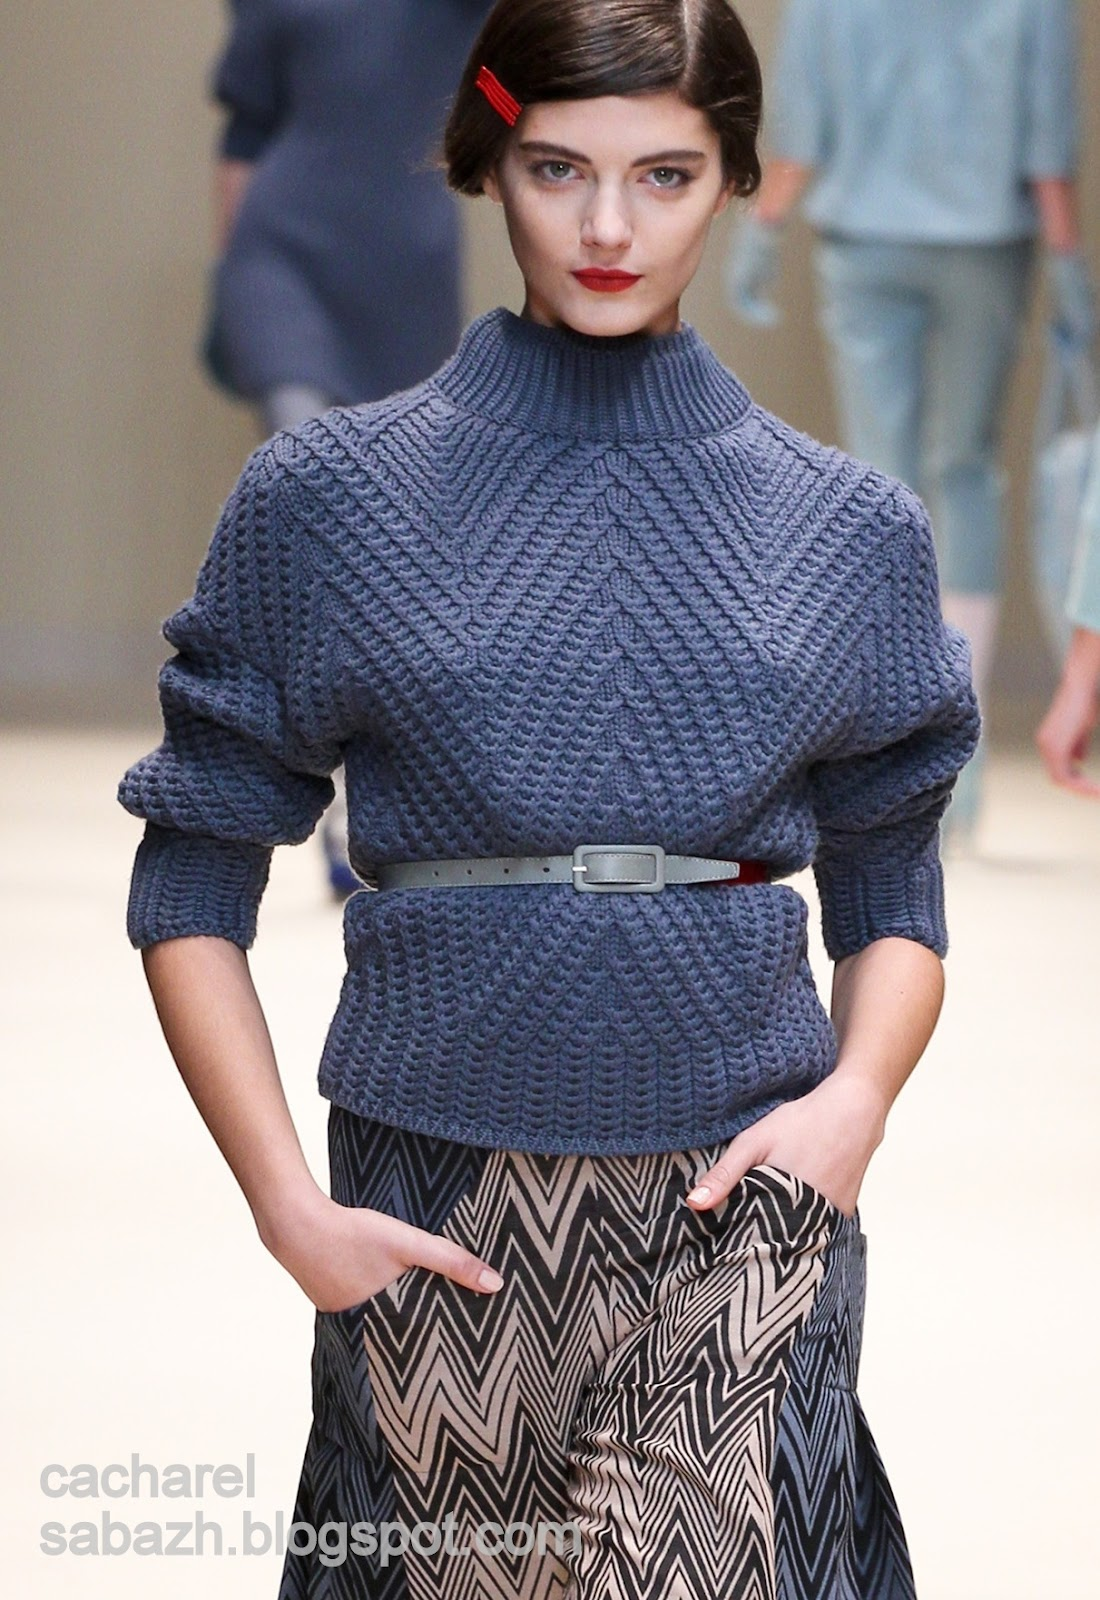 Вязаная Одежда Женская Мода 2013